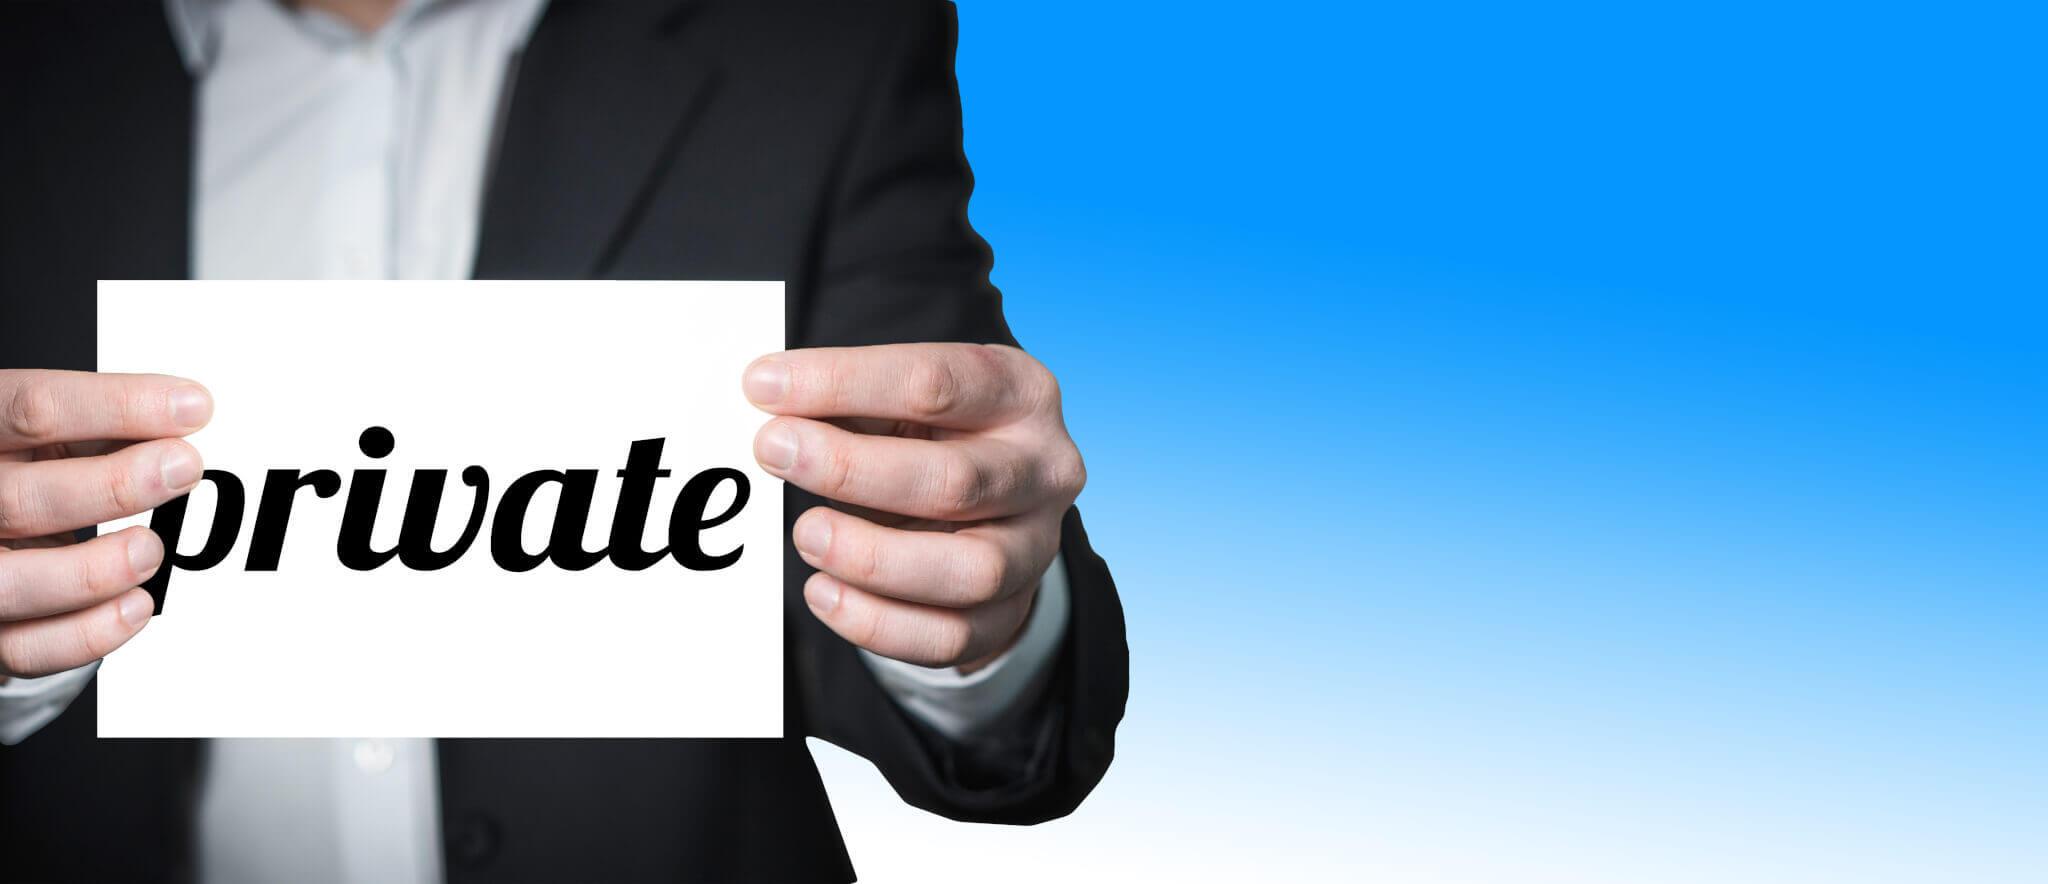 Privates am Arbeitsplatz (c) geralt / pixabay.de